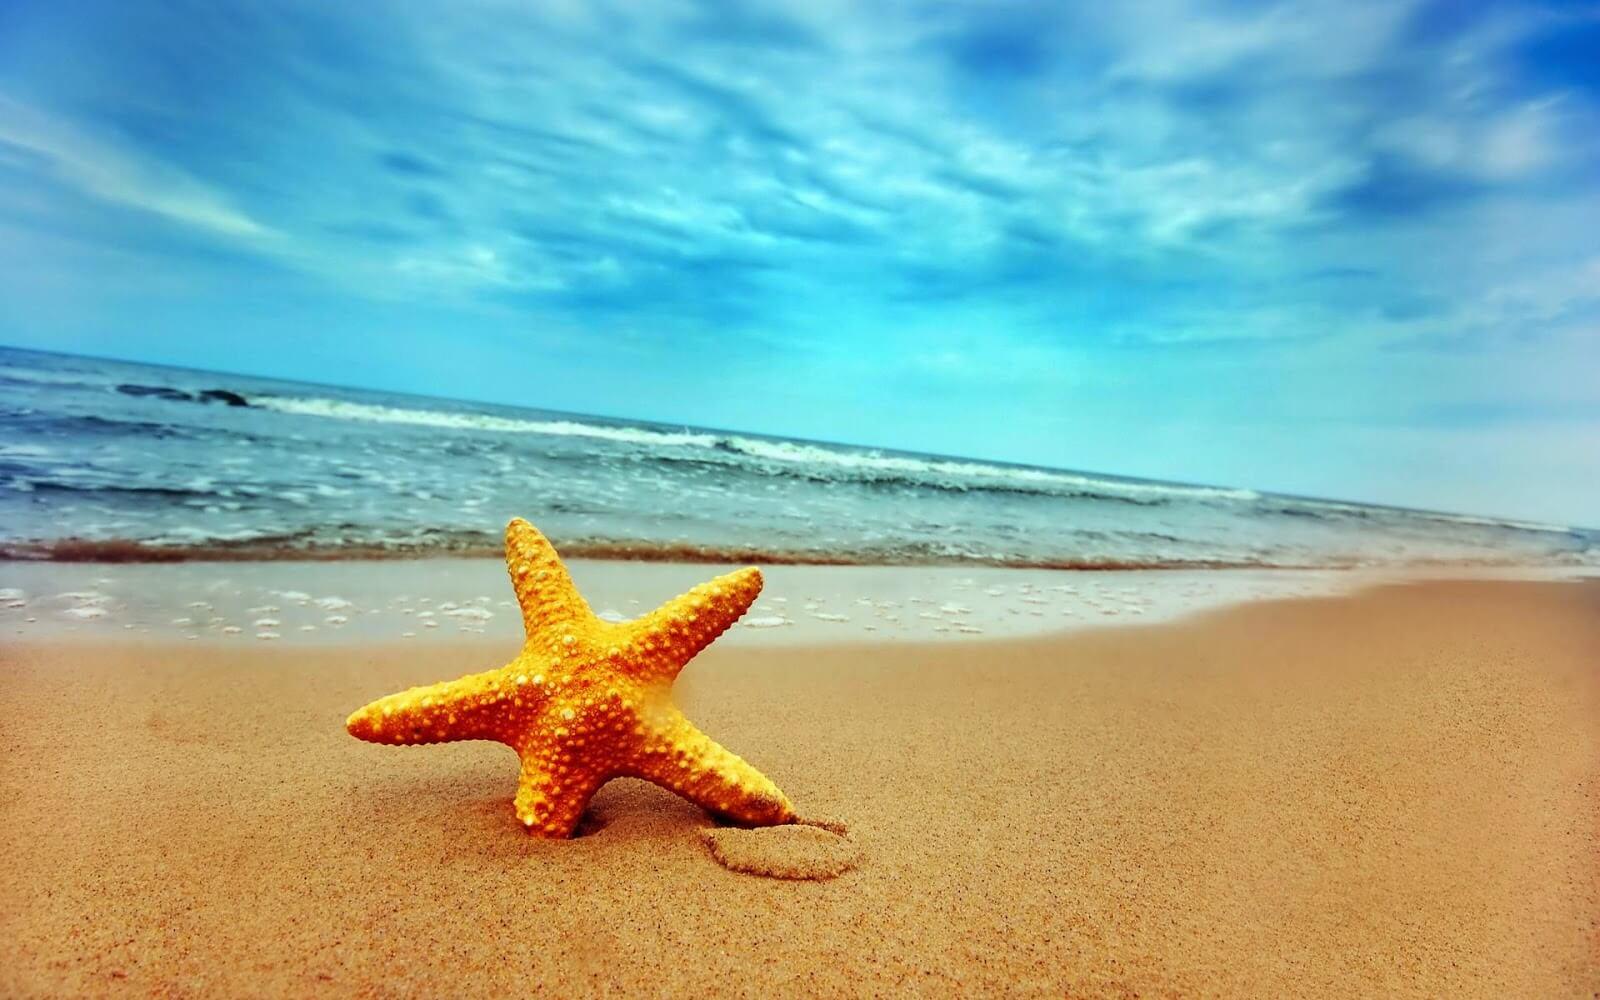 Kinh nghiệm khi chụp ảnh ở biển